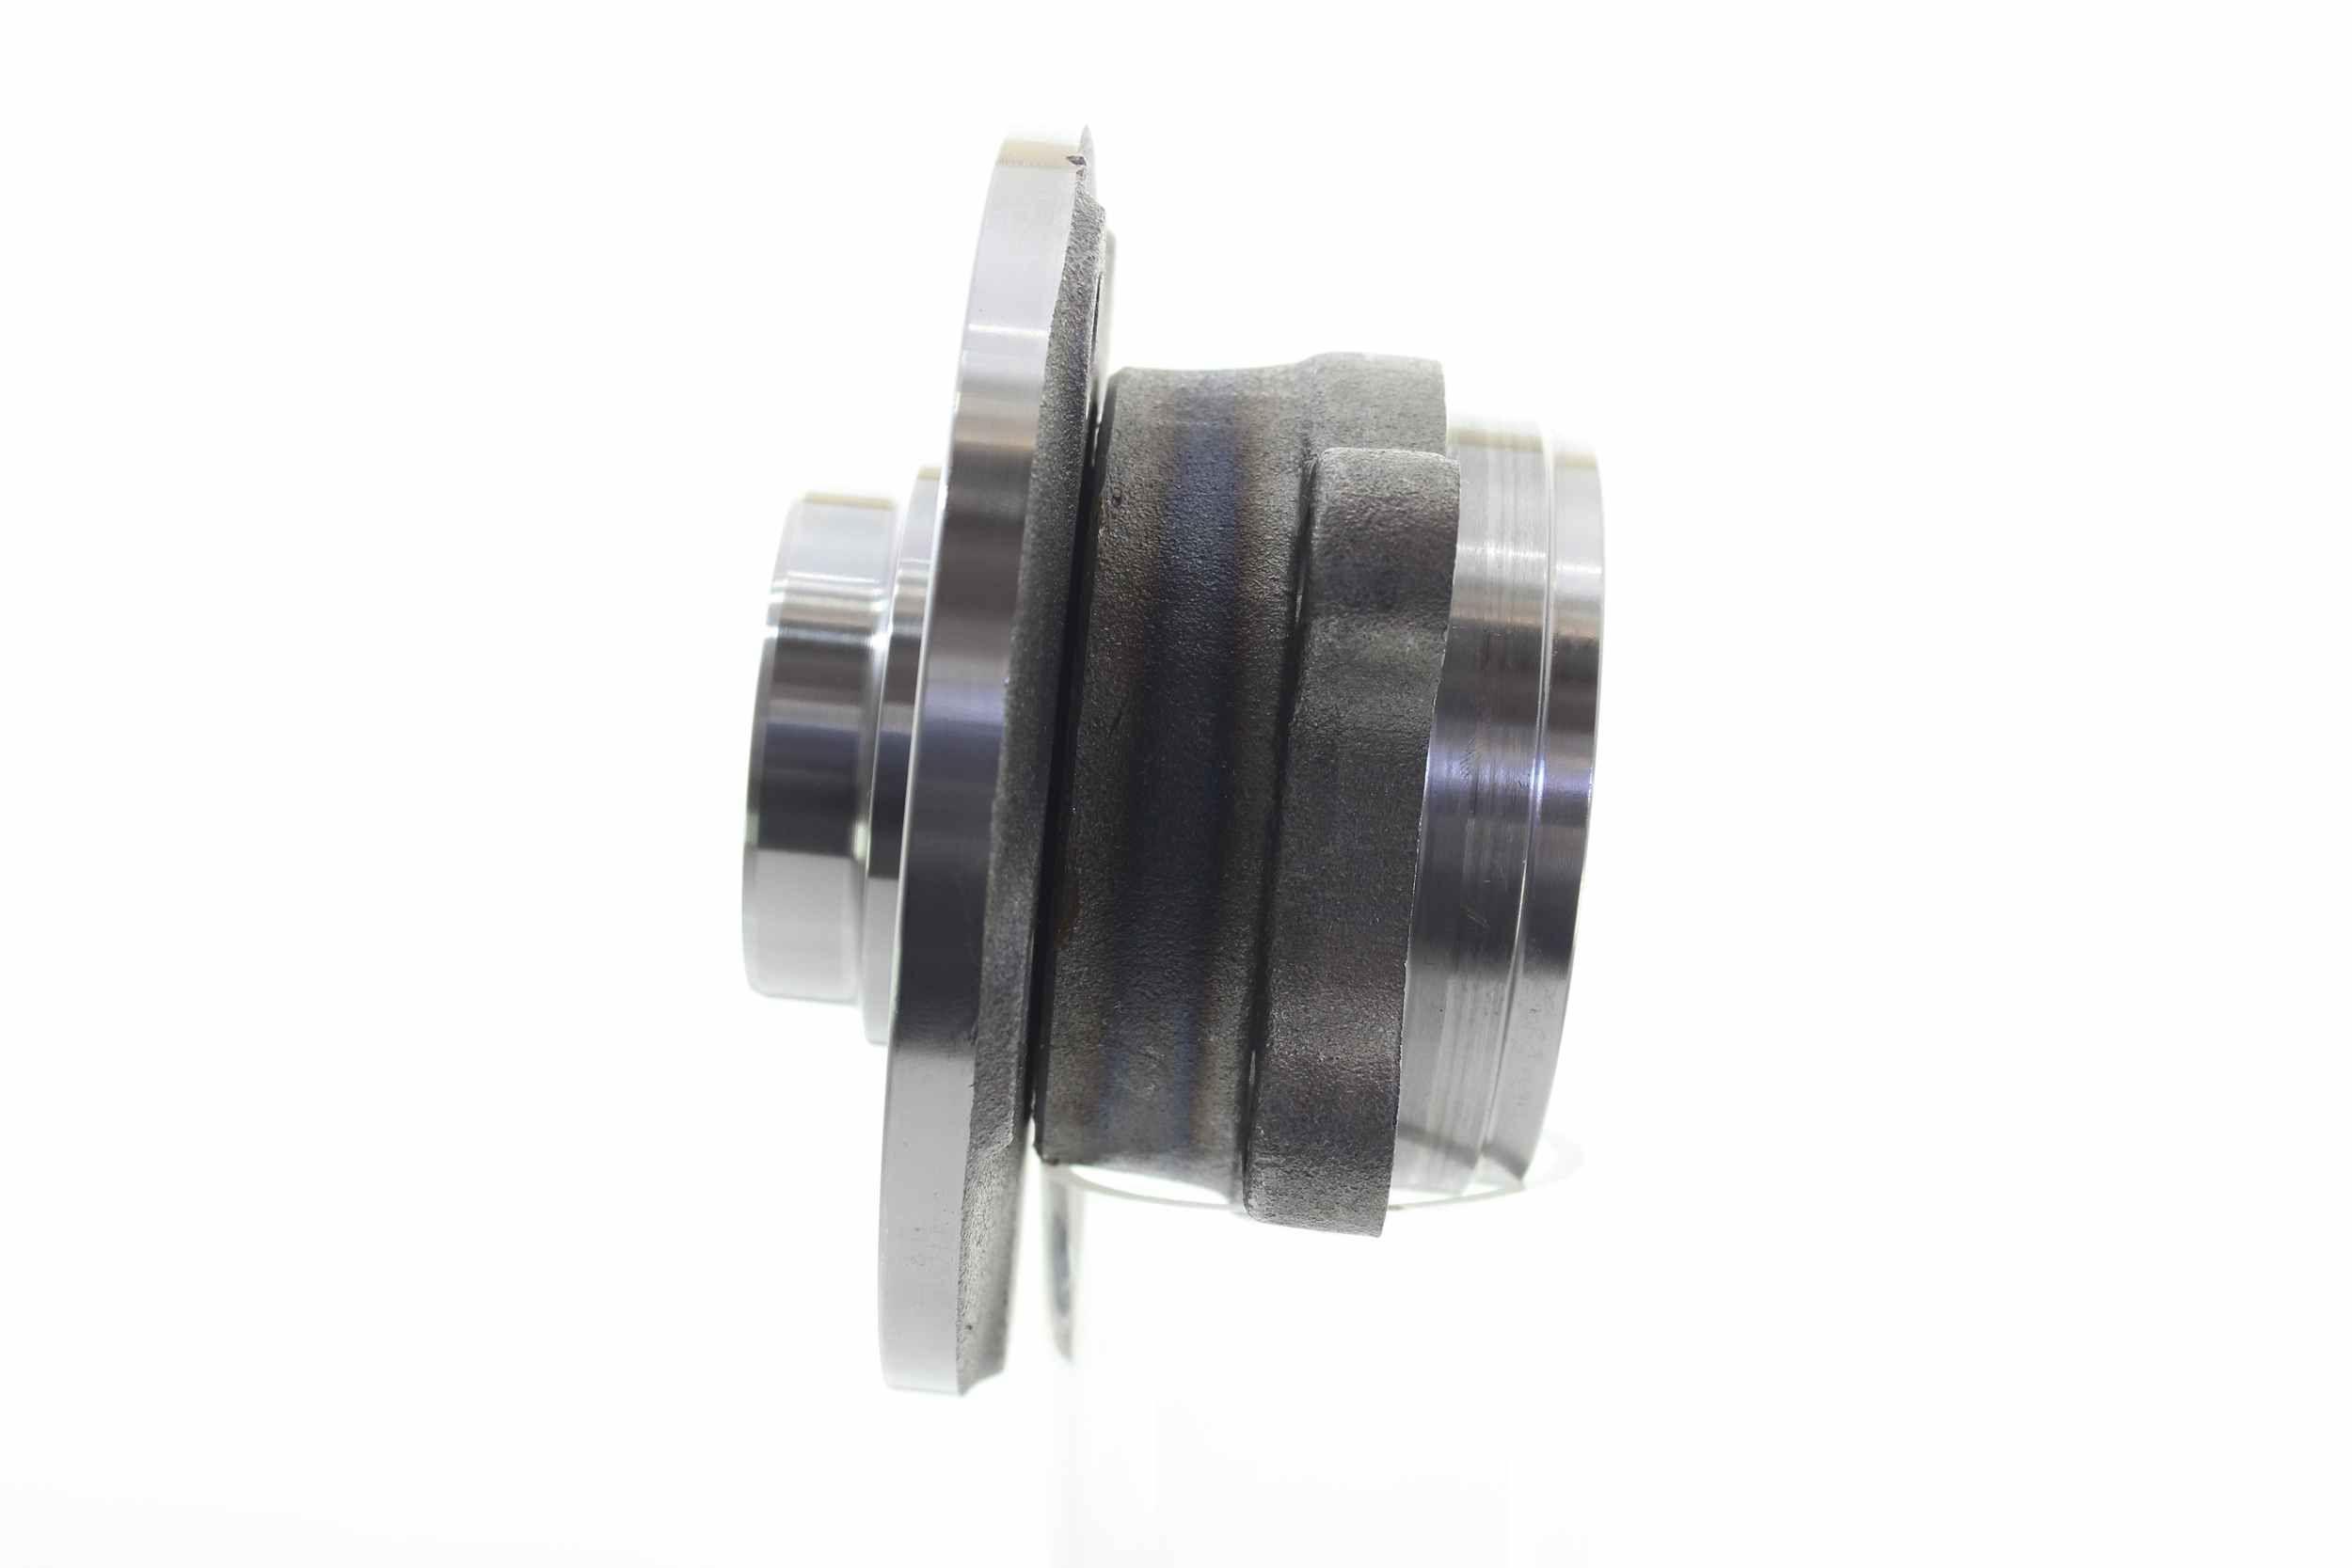 Radlager & Radlagersatz ALANKO 10342991 Bewertung